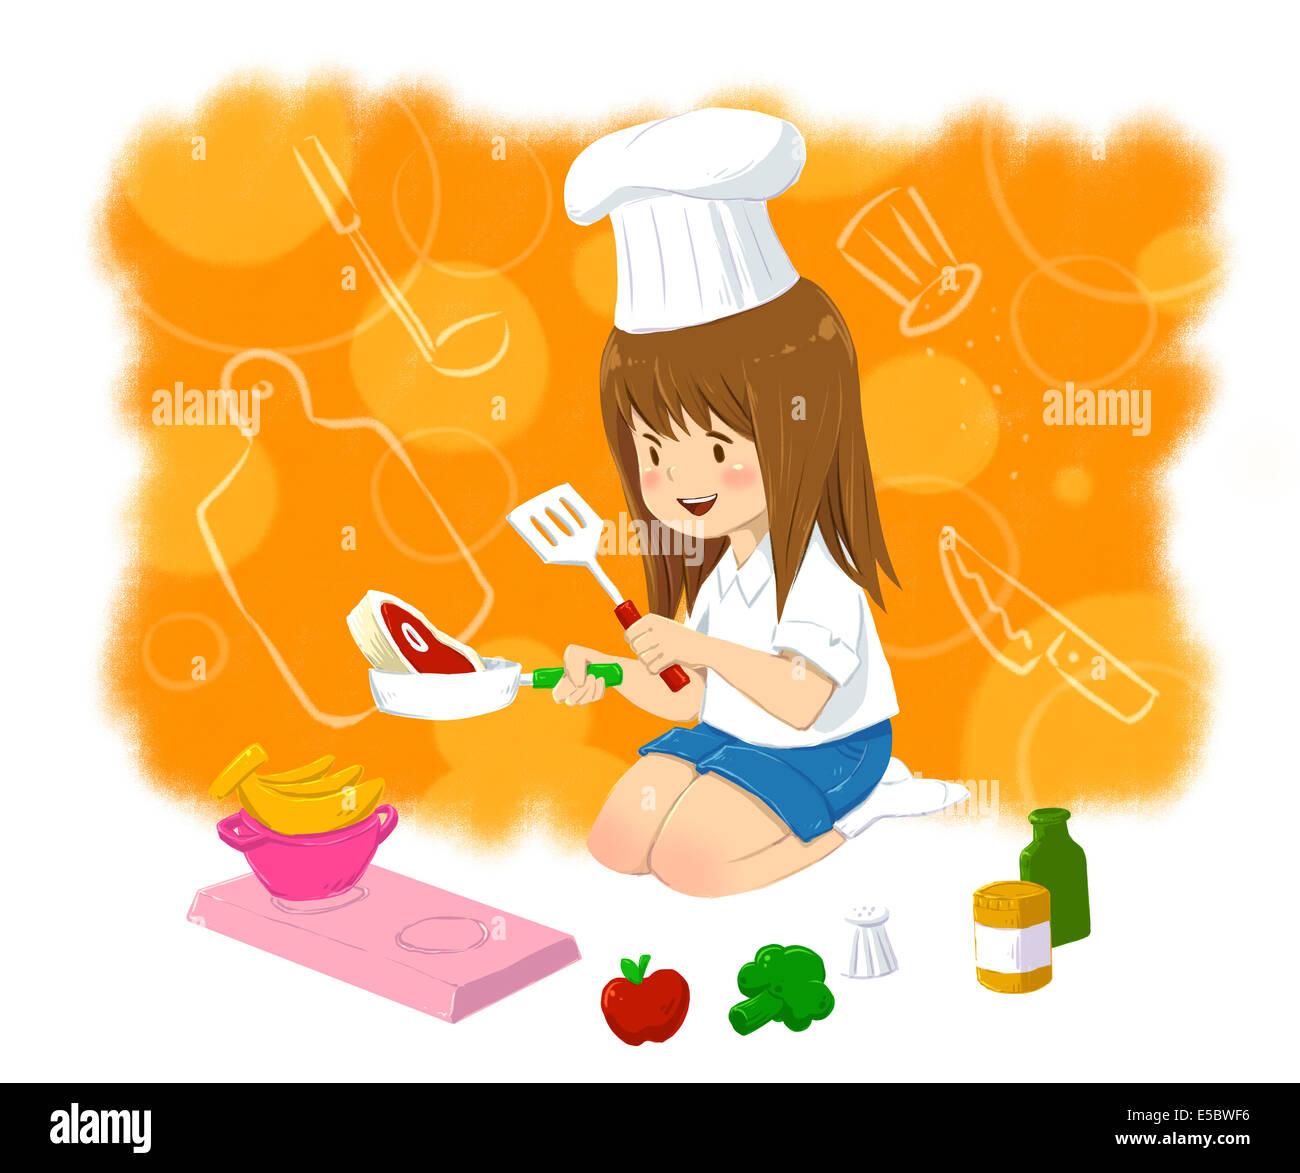 Imagen ilustrativa de la niña en el gorro de cocinero cocinando los alimentos que representan la aspiración Imagen De Stock